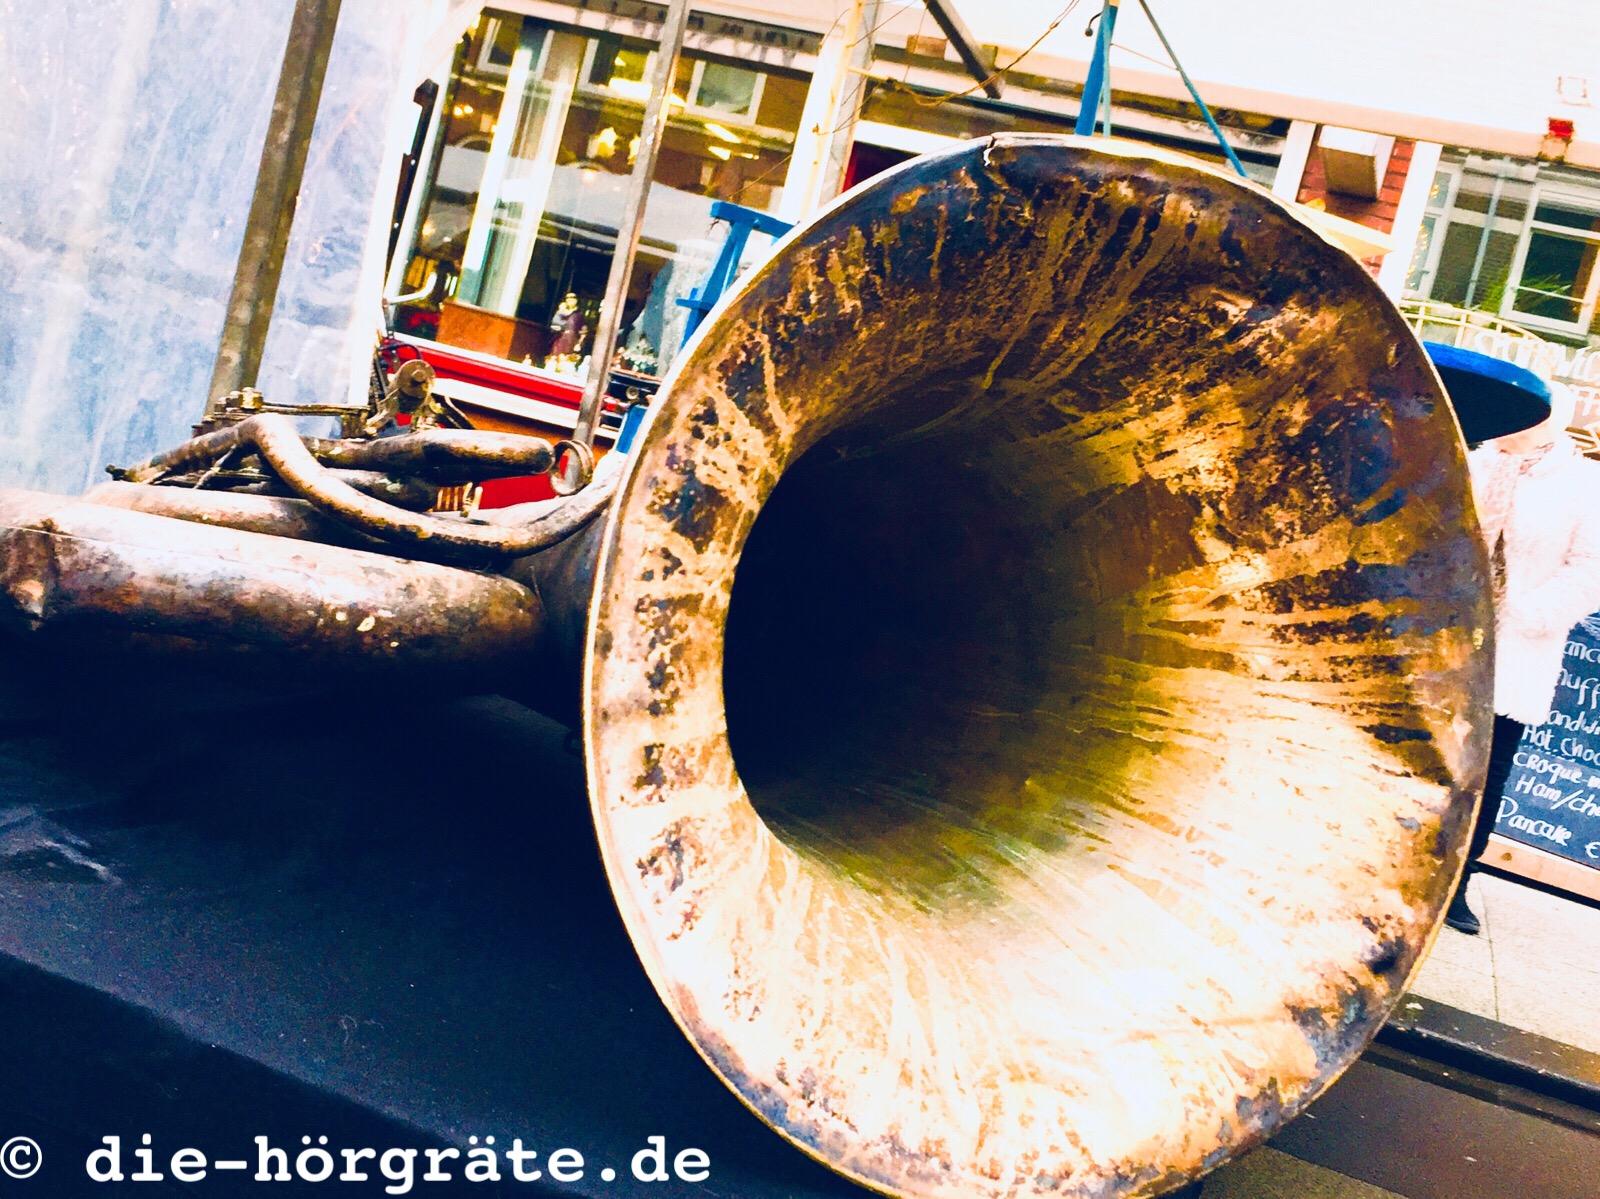 der Trichter einer alten Tuba auf dem Tisch auf einem Flohmarkt, die Tuba sieht ziemlich schmutzig aus